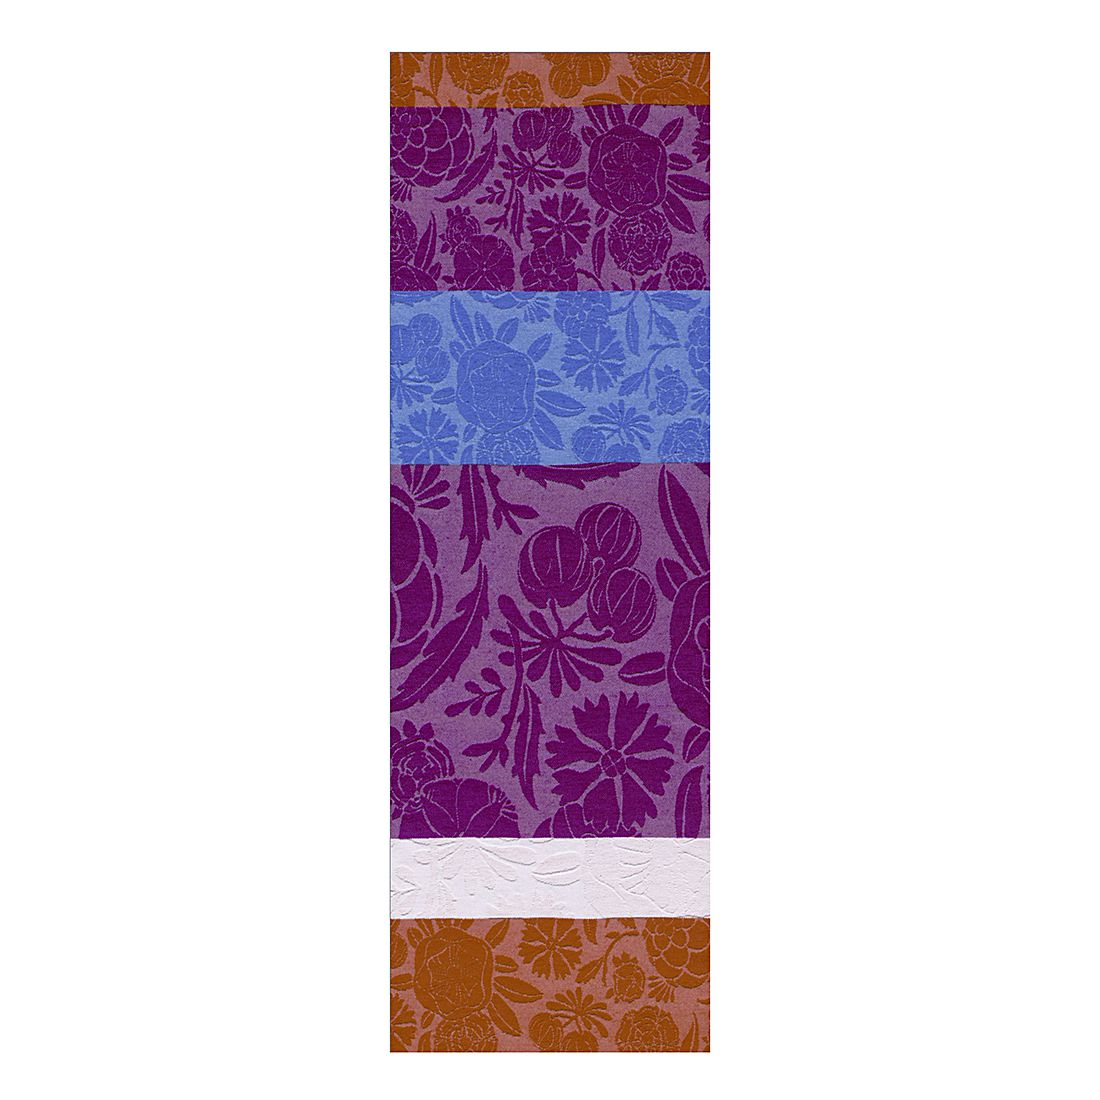 Tischläufer Chamaeleon – Purple – 52 x 150 cm, Villeroy&Boch jetzt bestellen